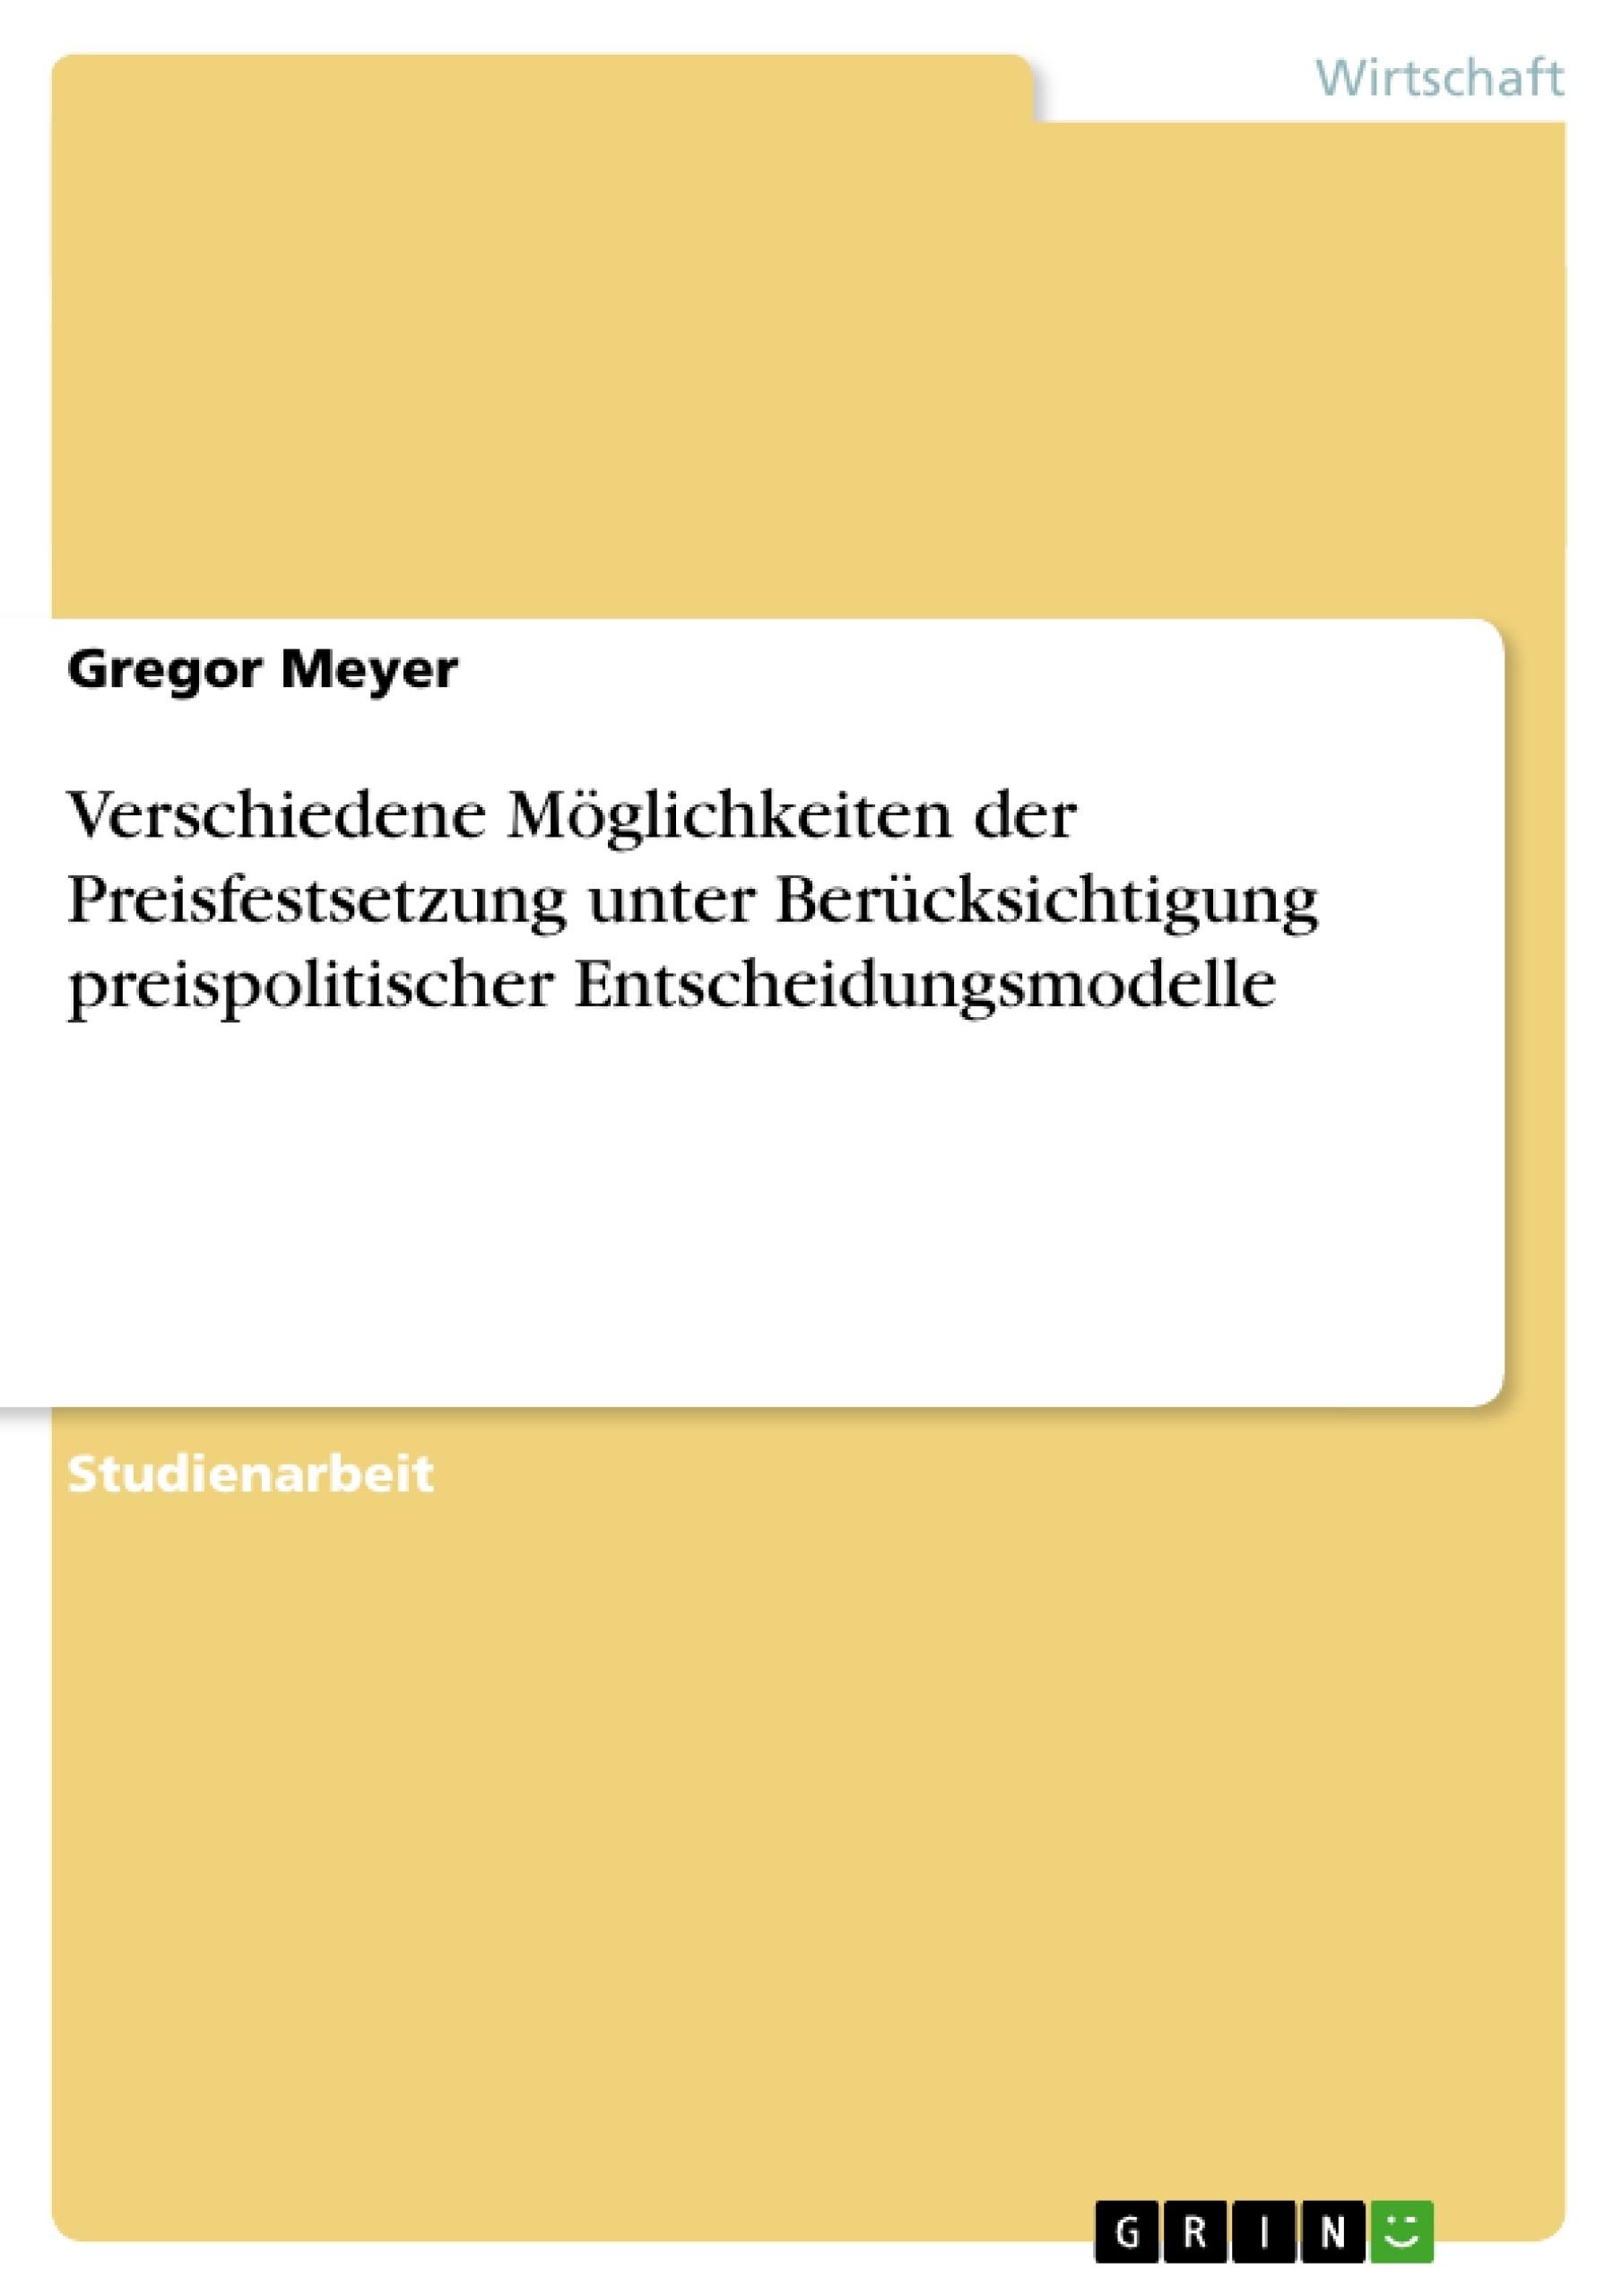 Titel: Verschiedene Möglichkeiten der Preisfestsetzung unter Berücksichtigung preispolitischer Entscheidungsmodelle